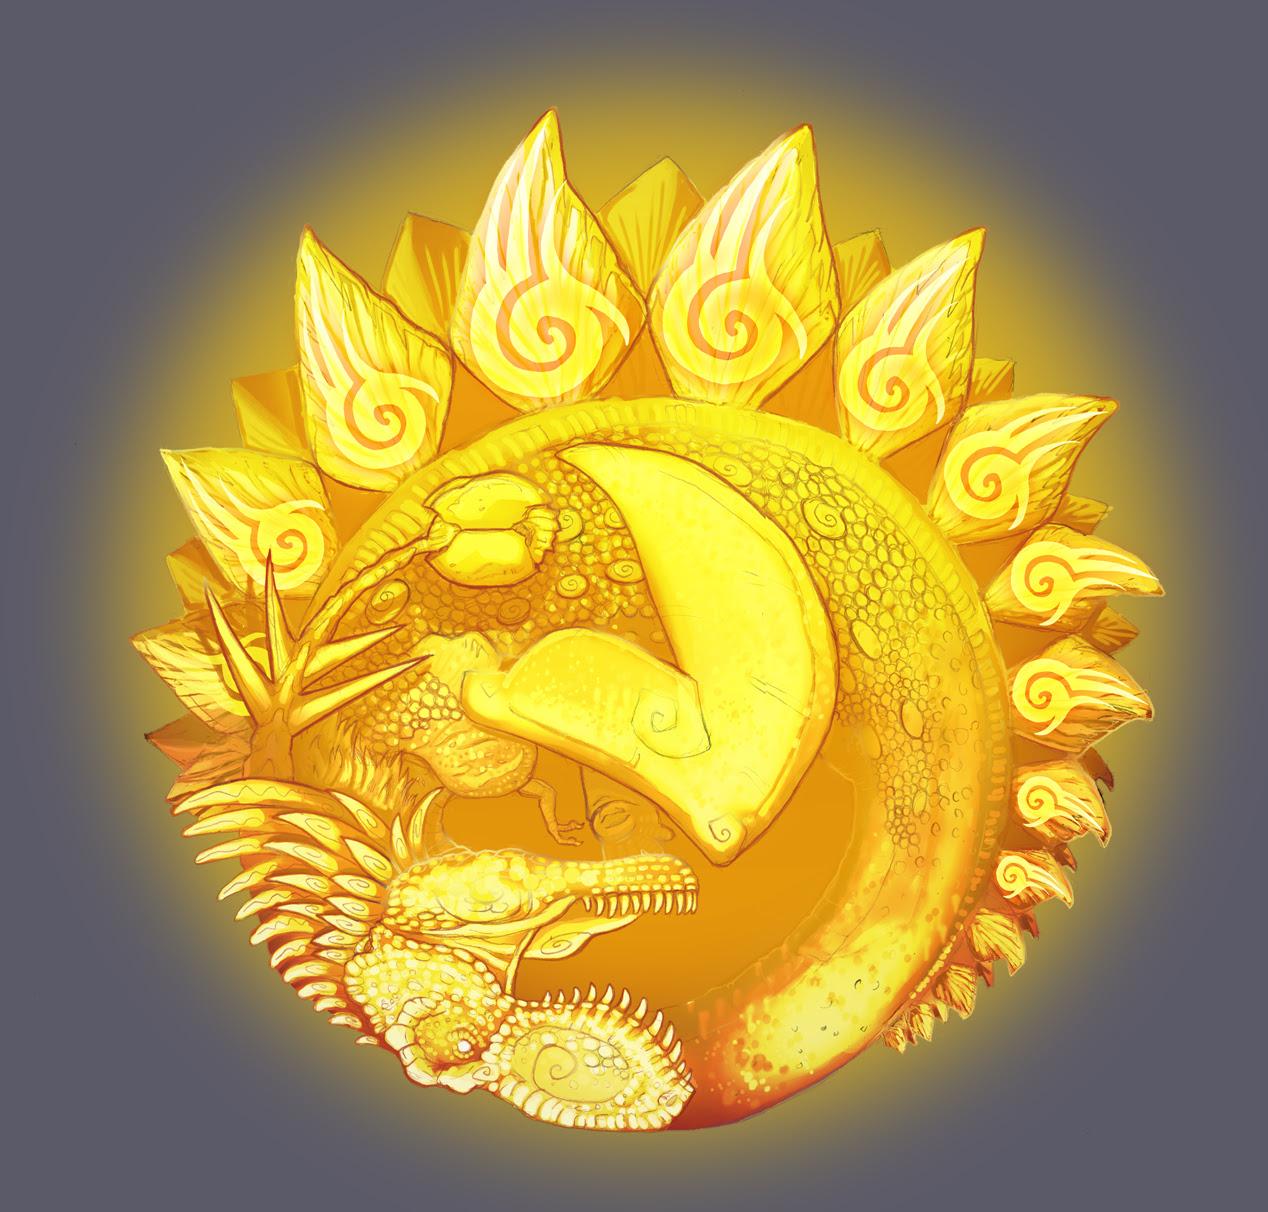 Risultati immagini per Sol Invictus